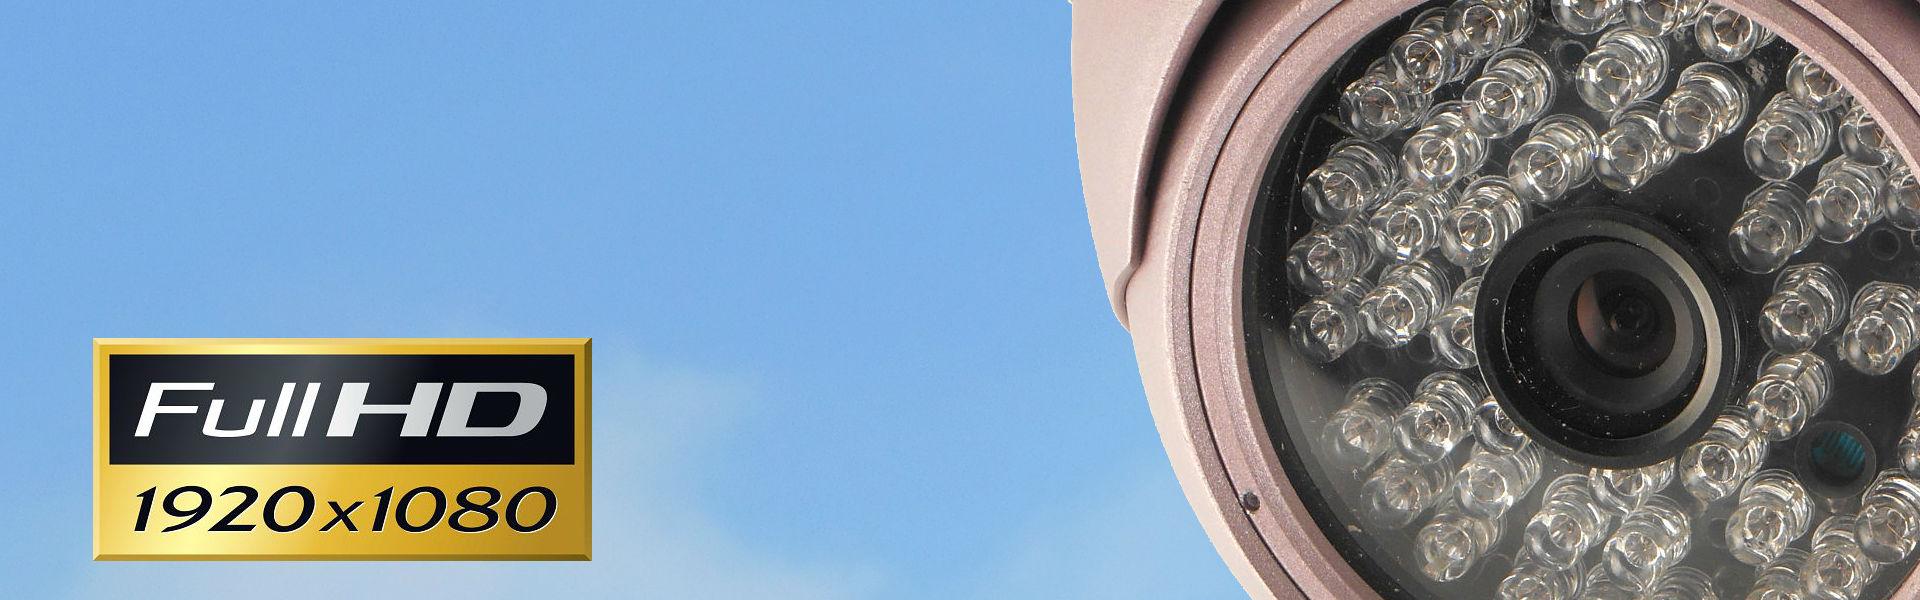 Ulantech dome camera's